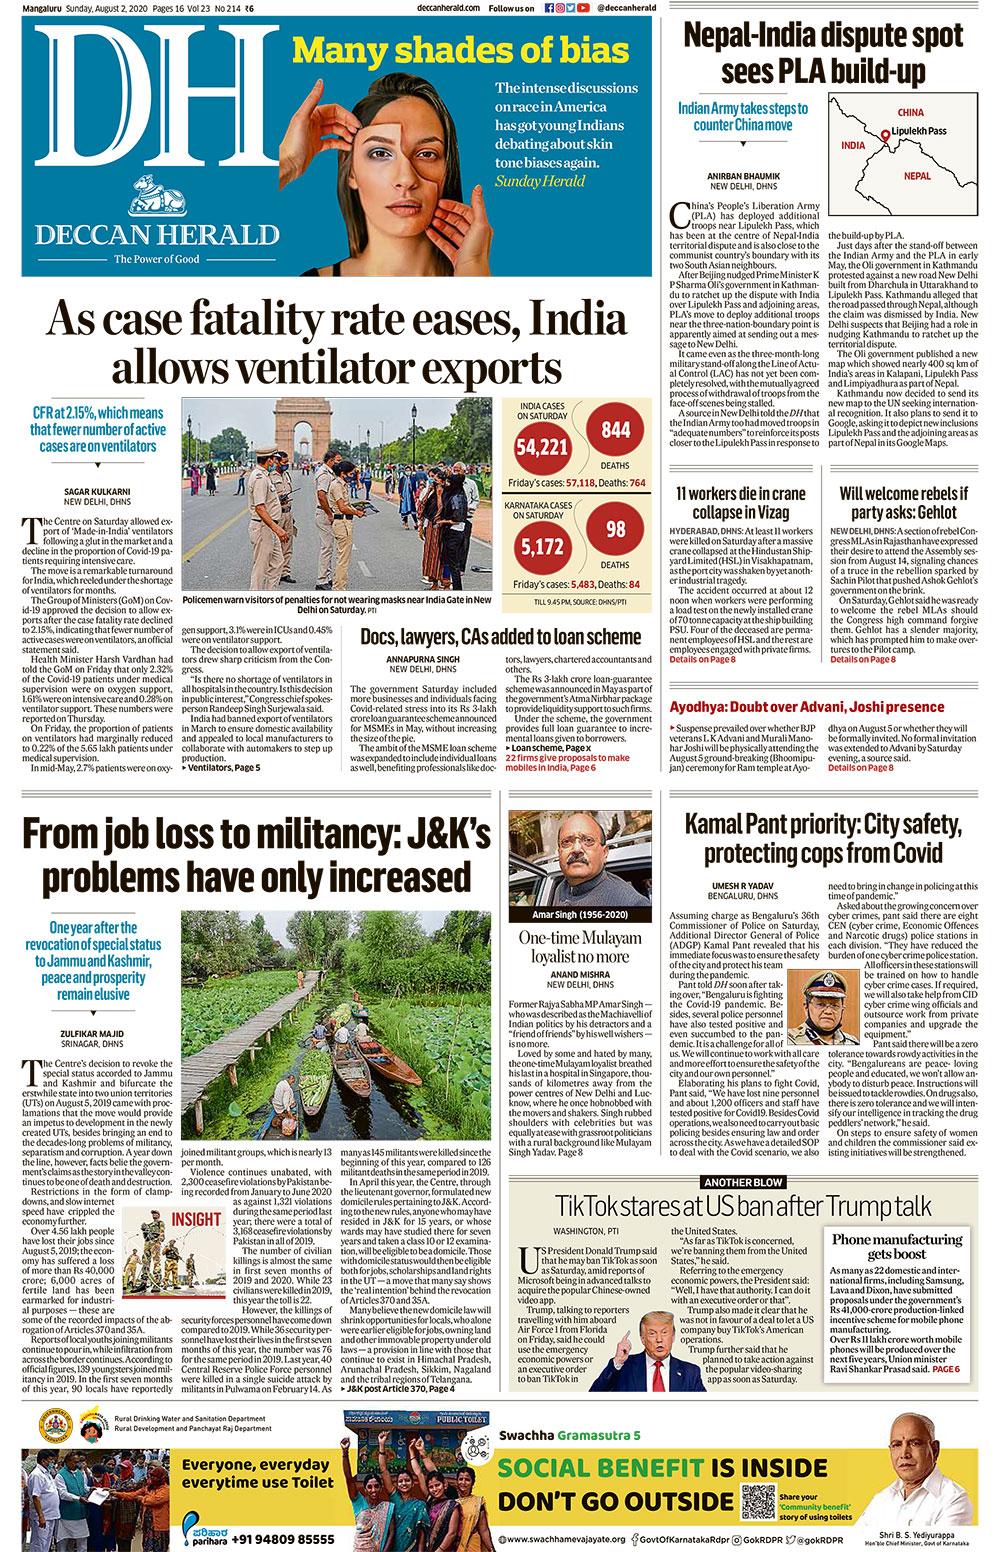 Rajya Sabha Member Amar Singh Dies At 64 And Other Top Headlines